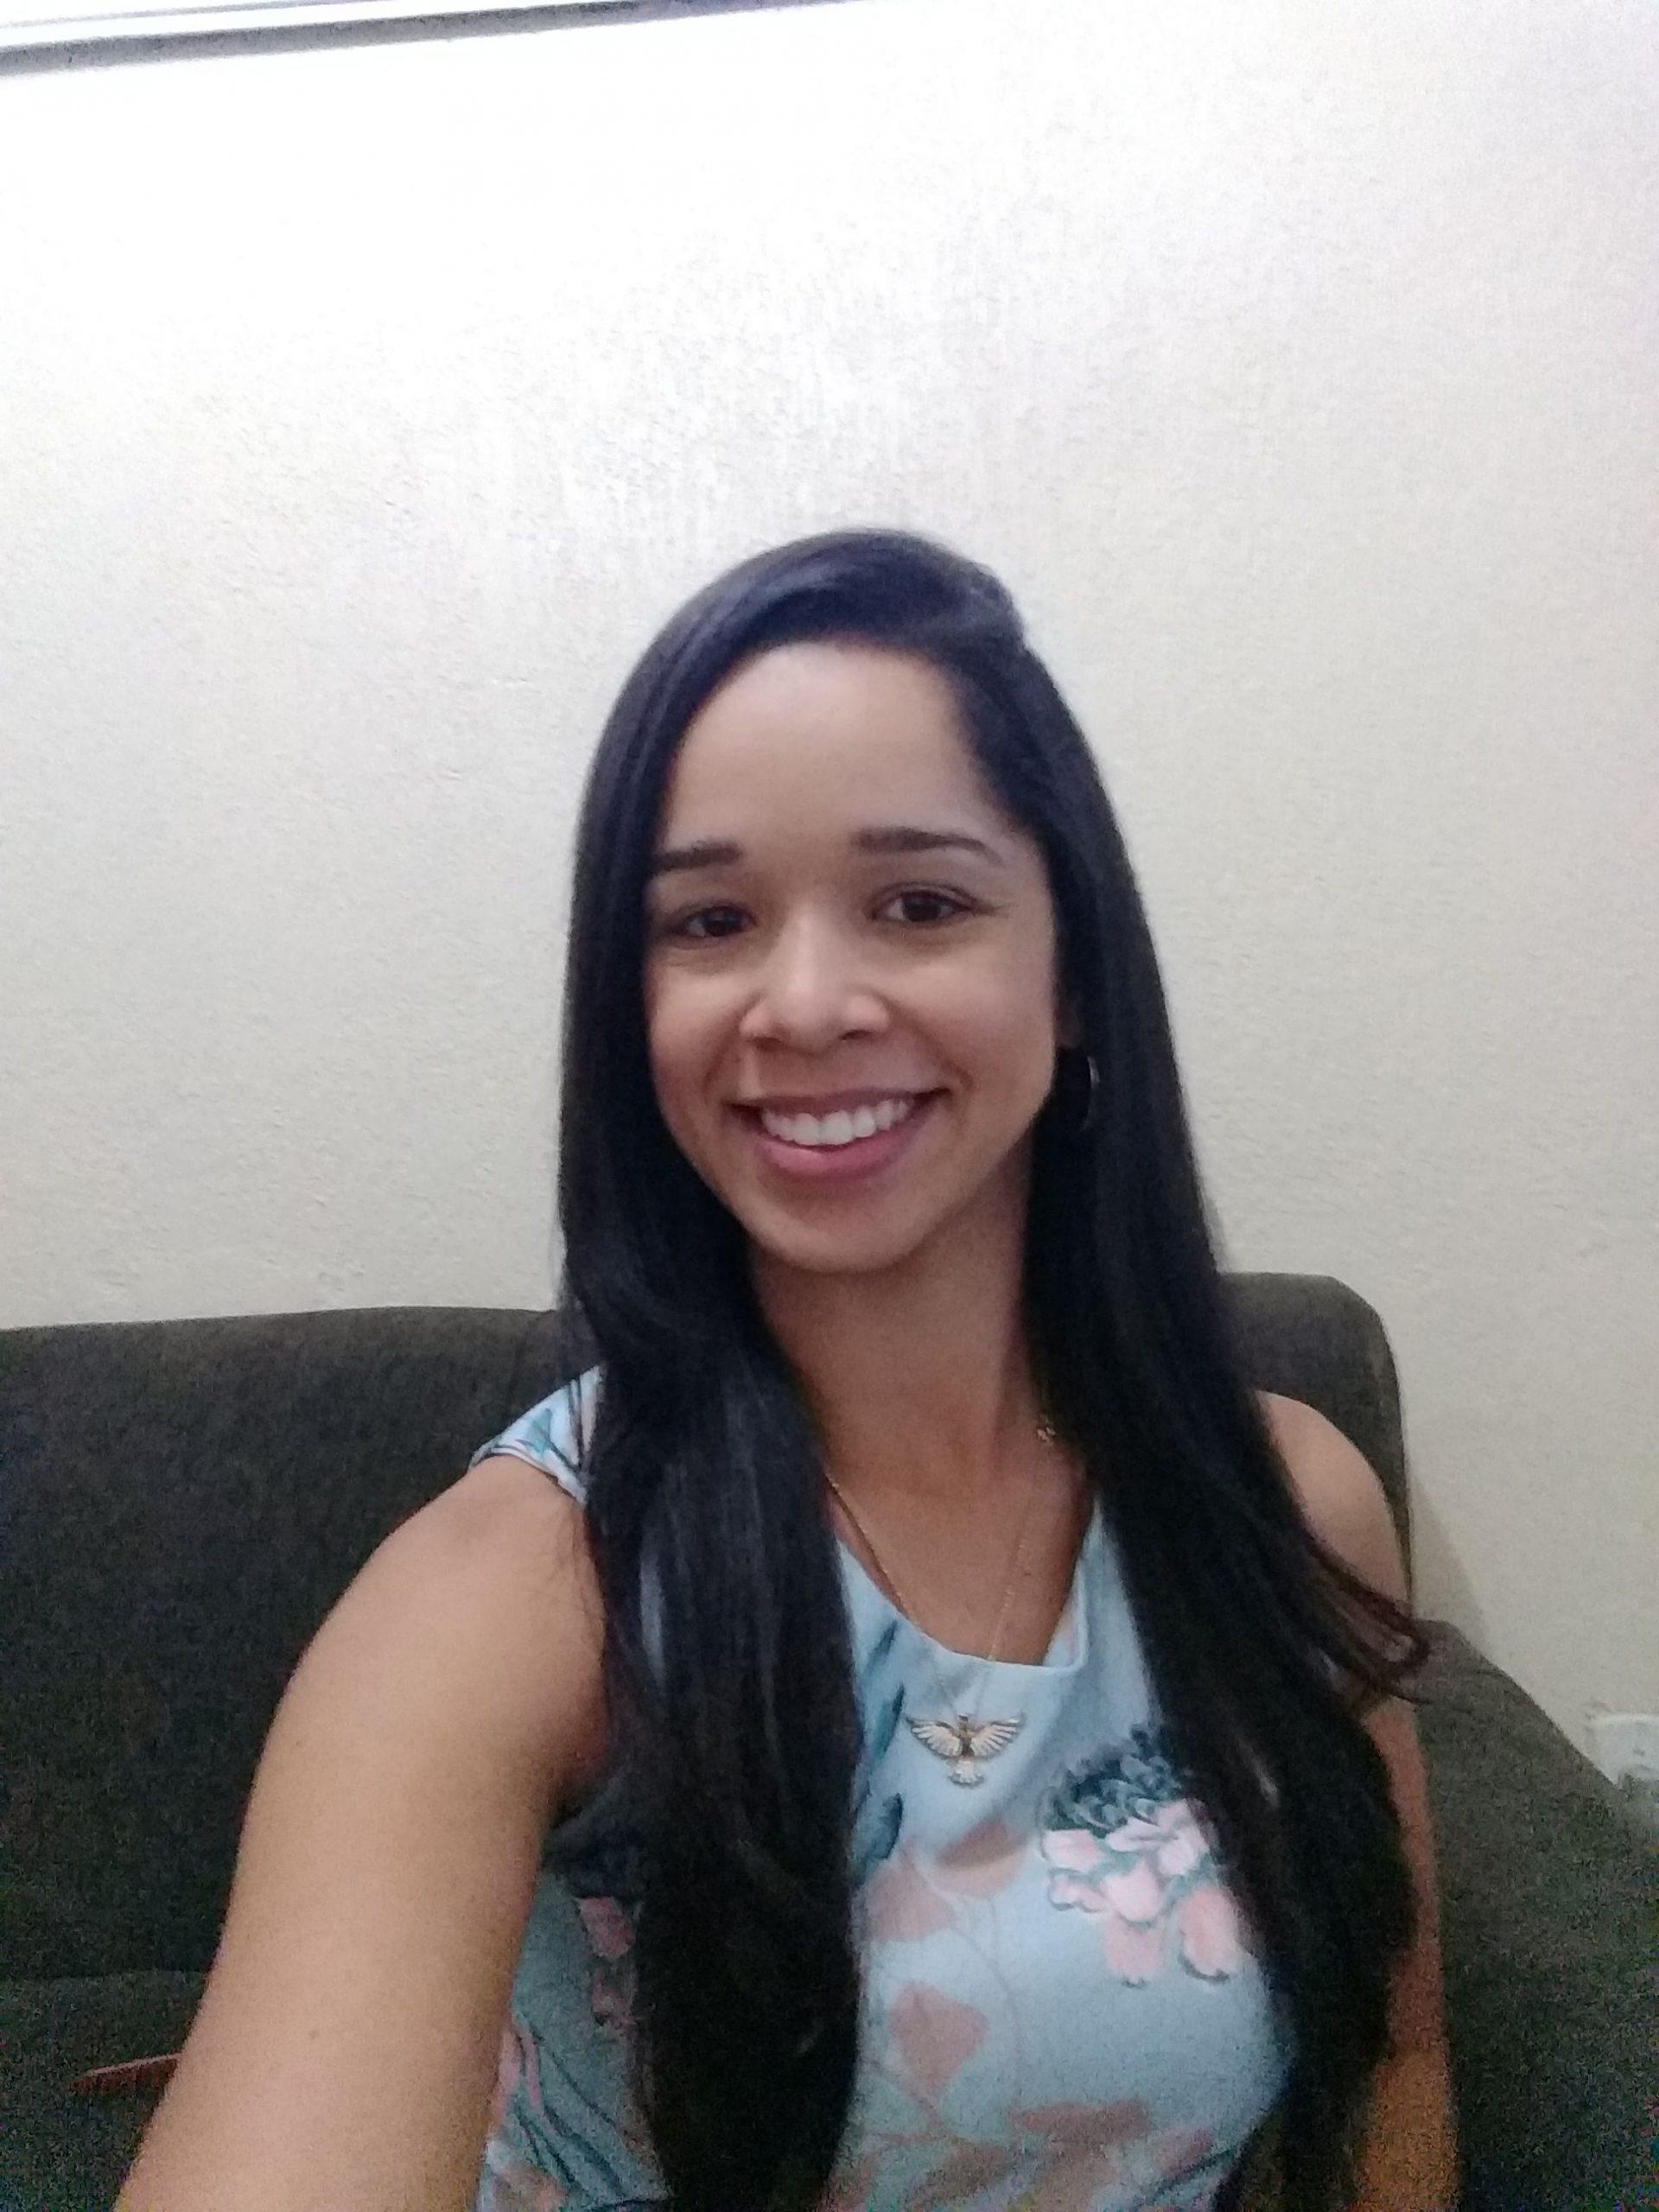 Concurso PMDF Aprovada: Mahyara Lopes!